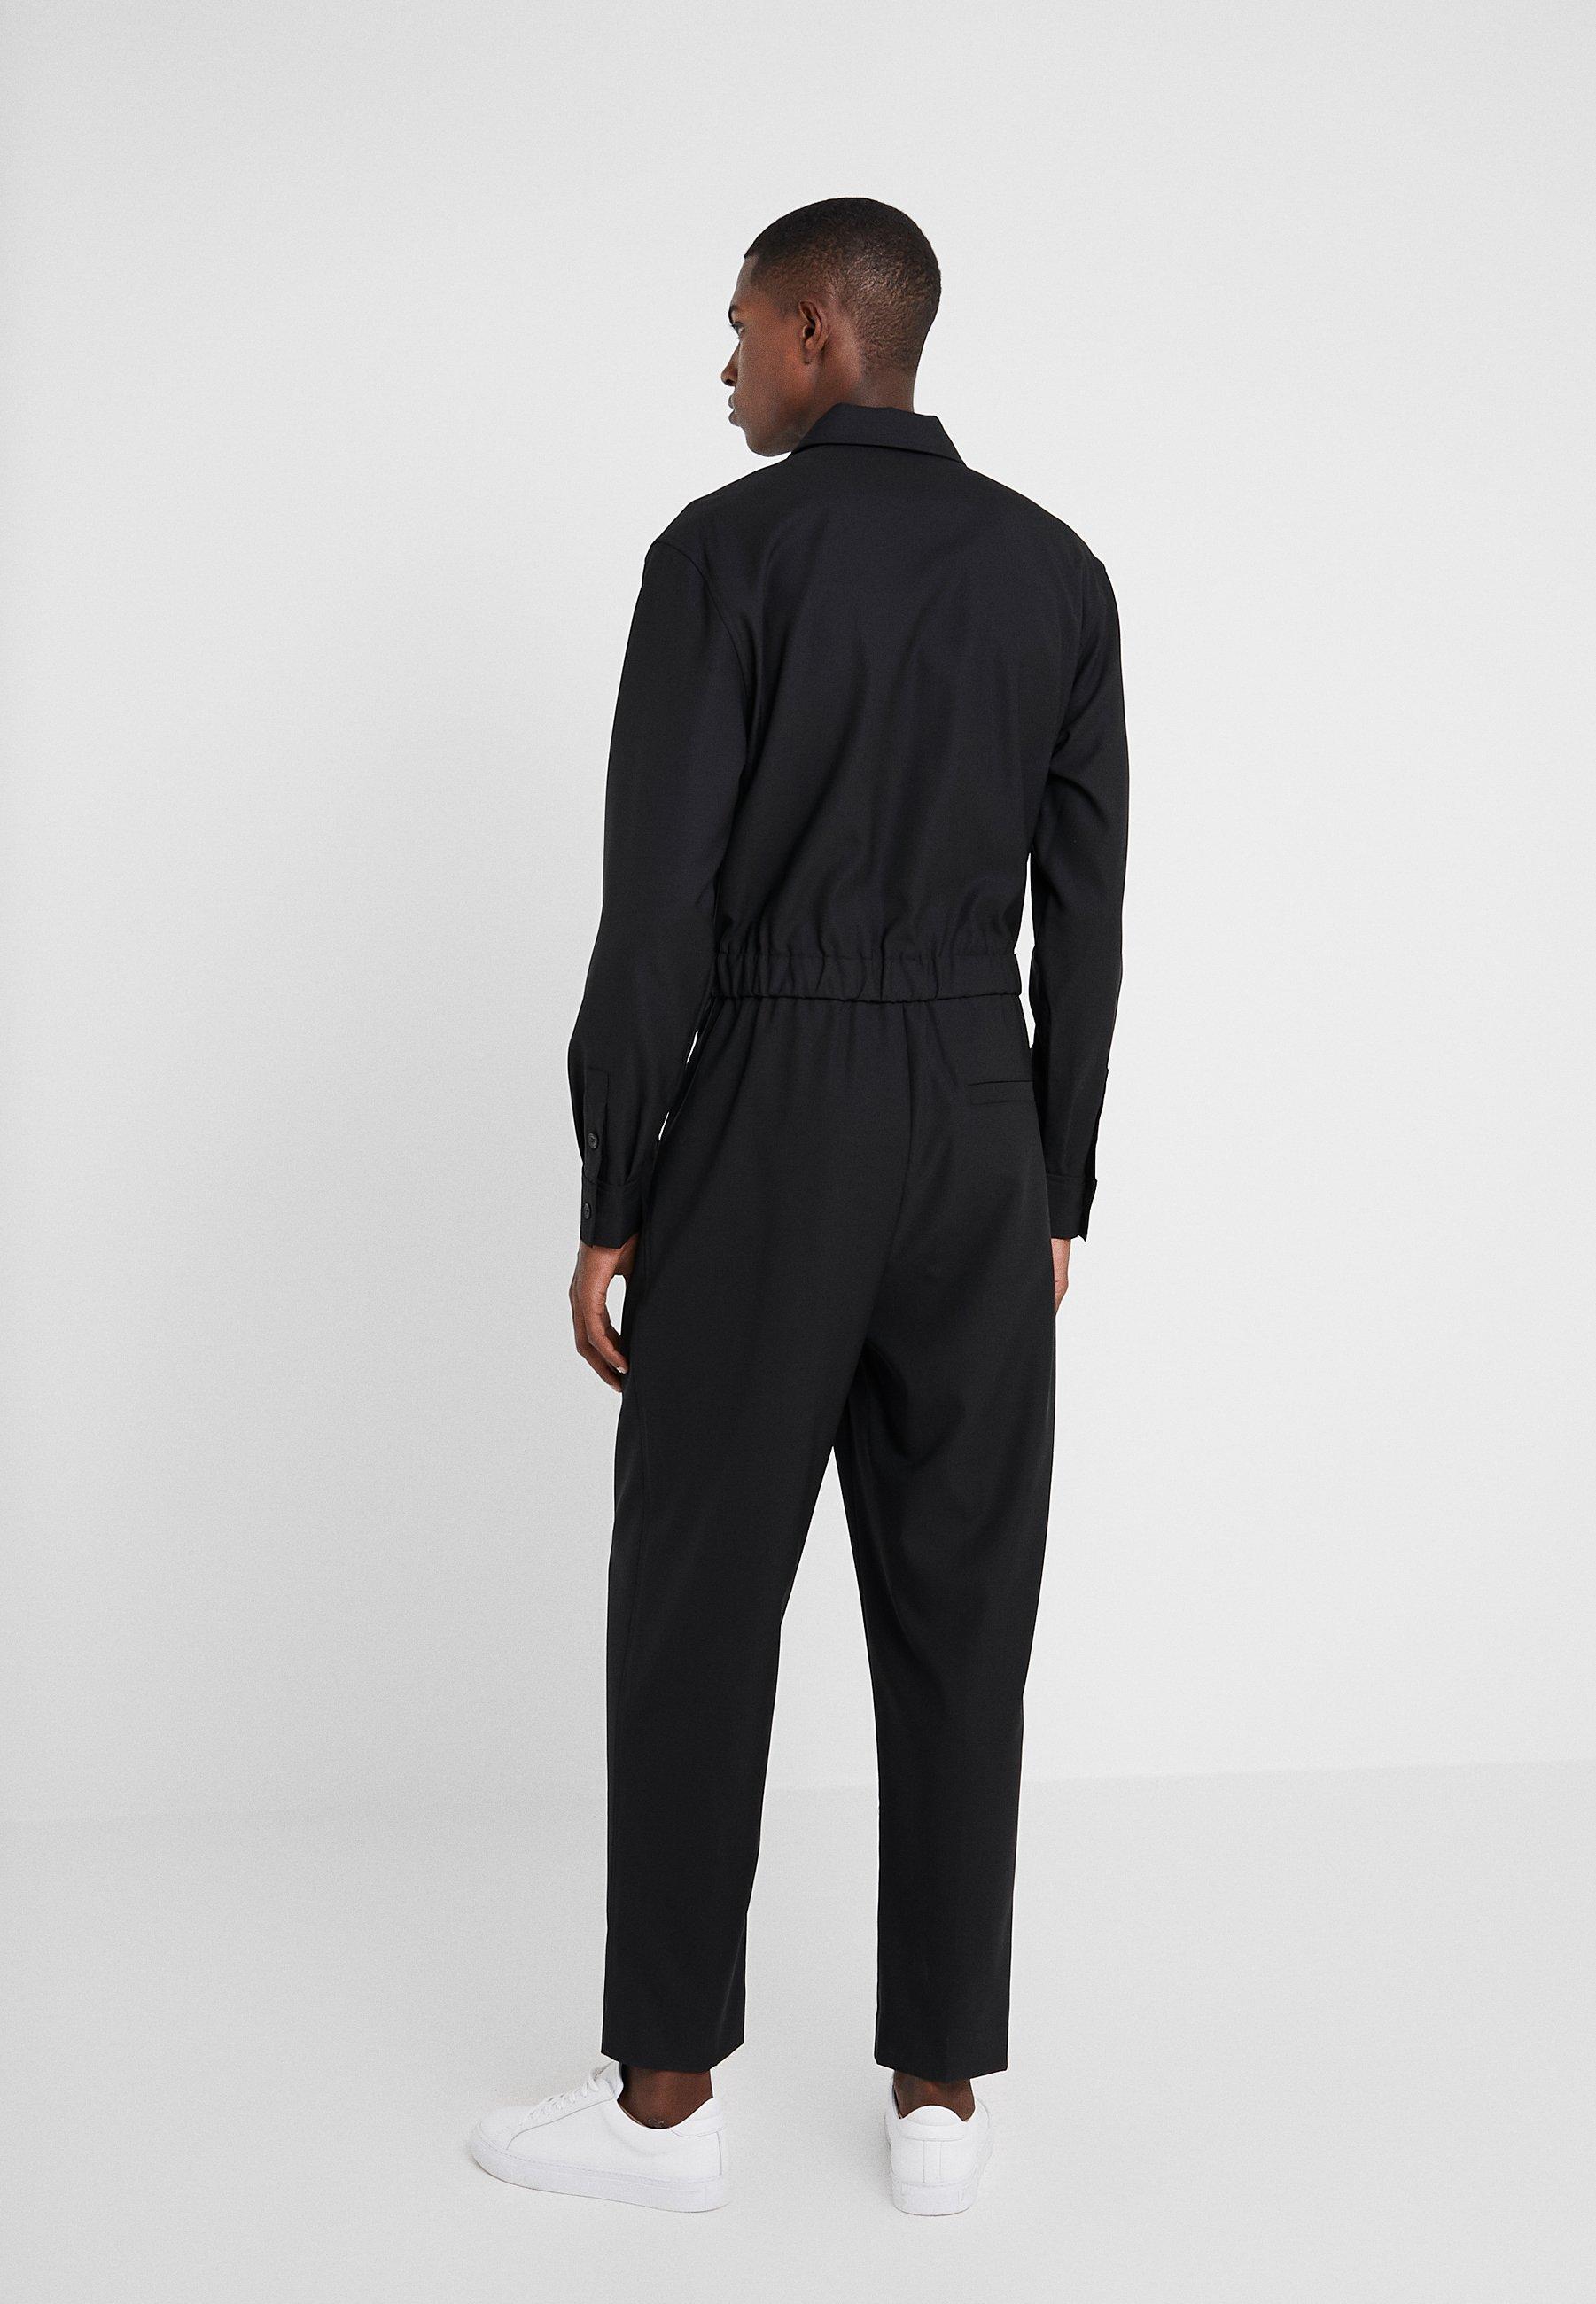 Lim Black Classique SuitingPantalon Phillip 1 3 zpUVqSM